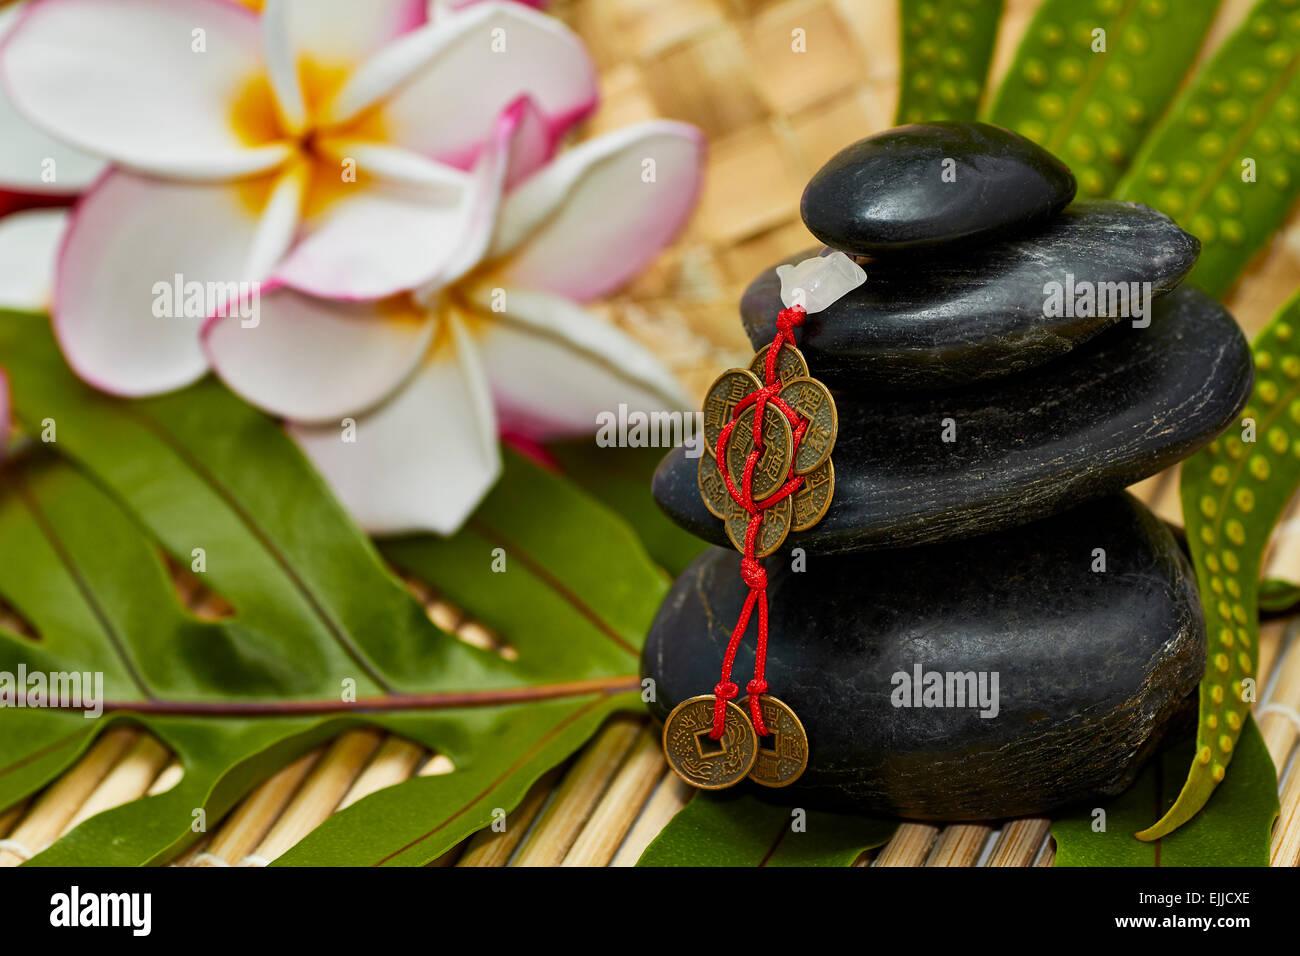 Glatten Schwarzen Felsen Mit Feng Shui Chinesische Münzen Als